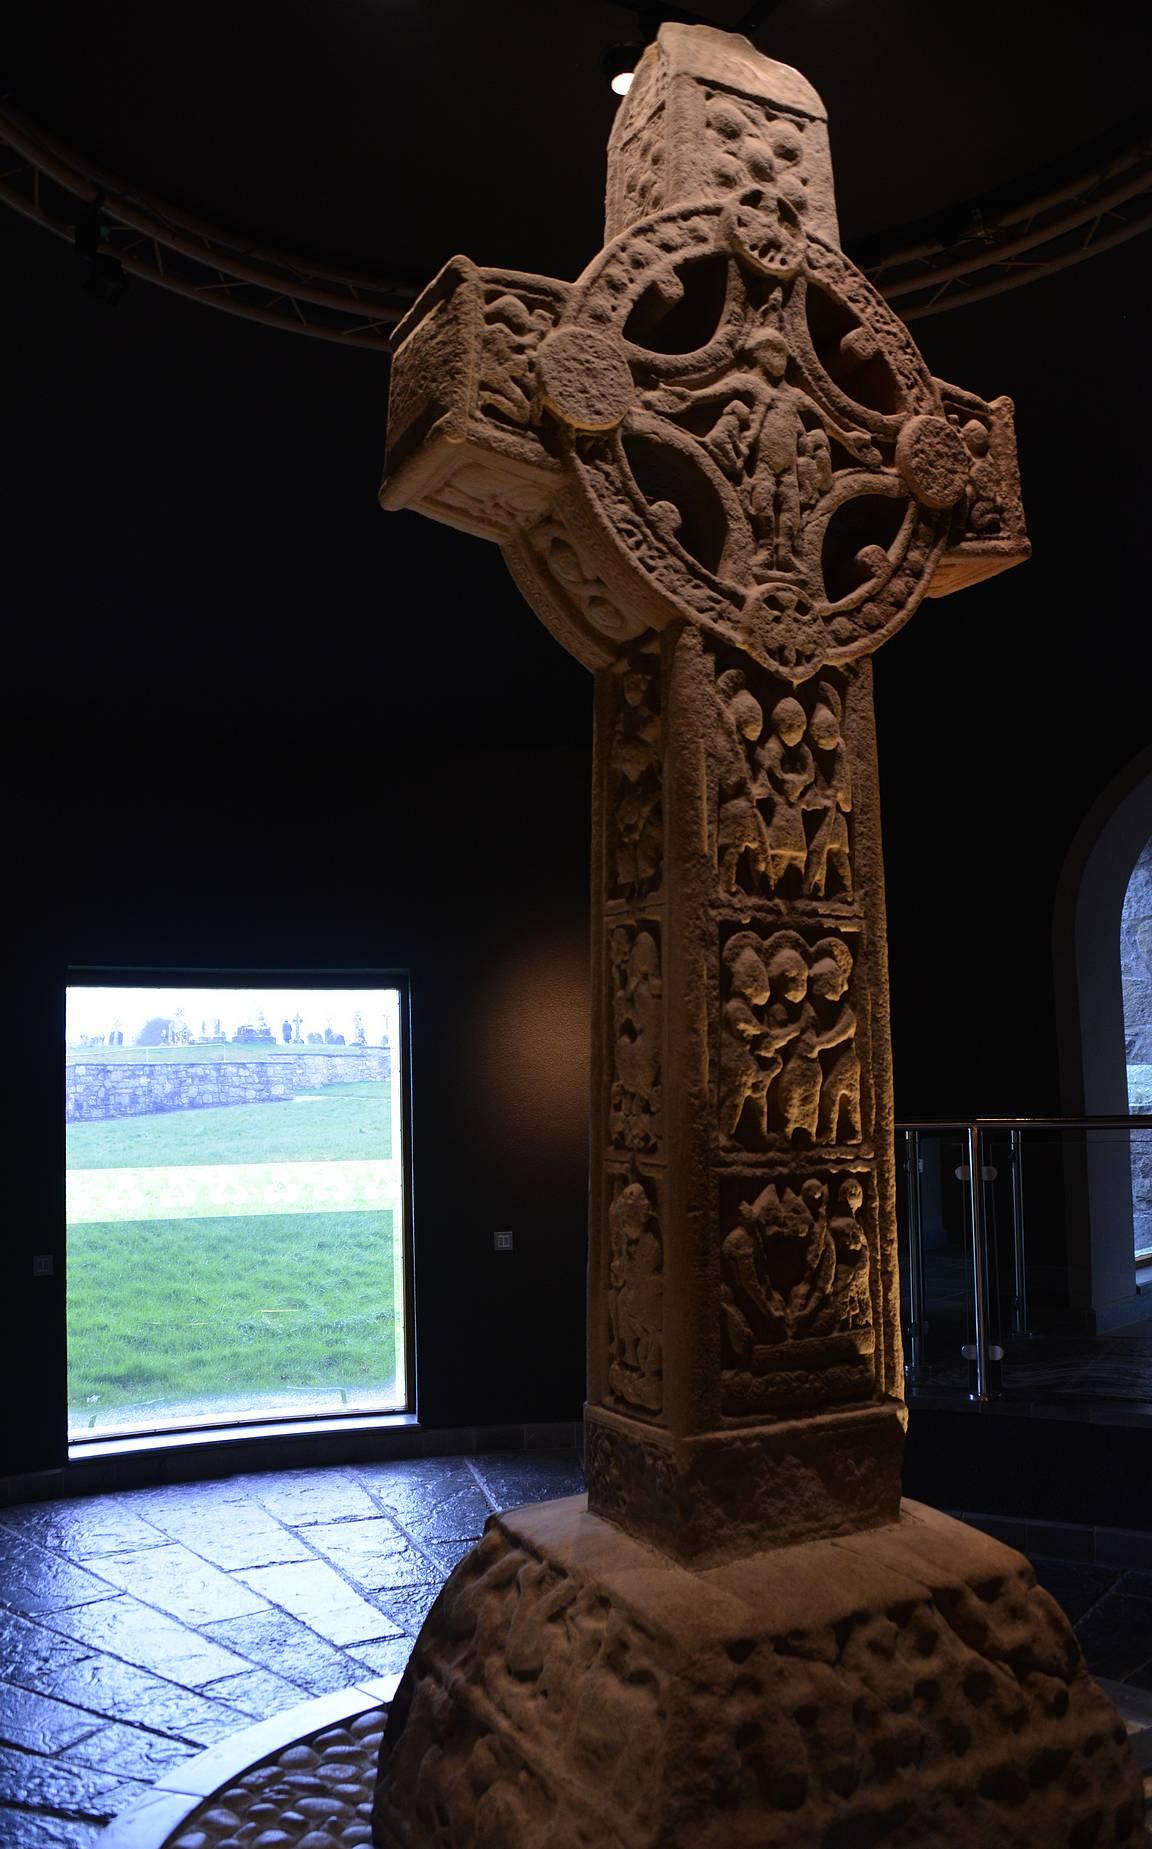 Alkuperäinen Cross of th e Scriptures ja taustalla näkyy ikkunasta raunioalue.